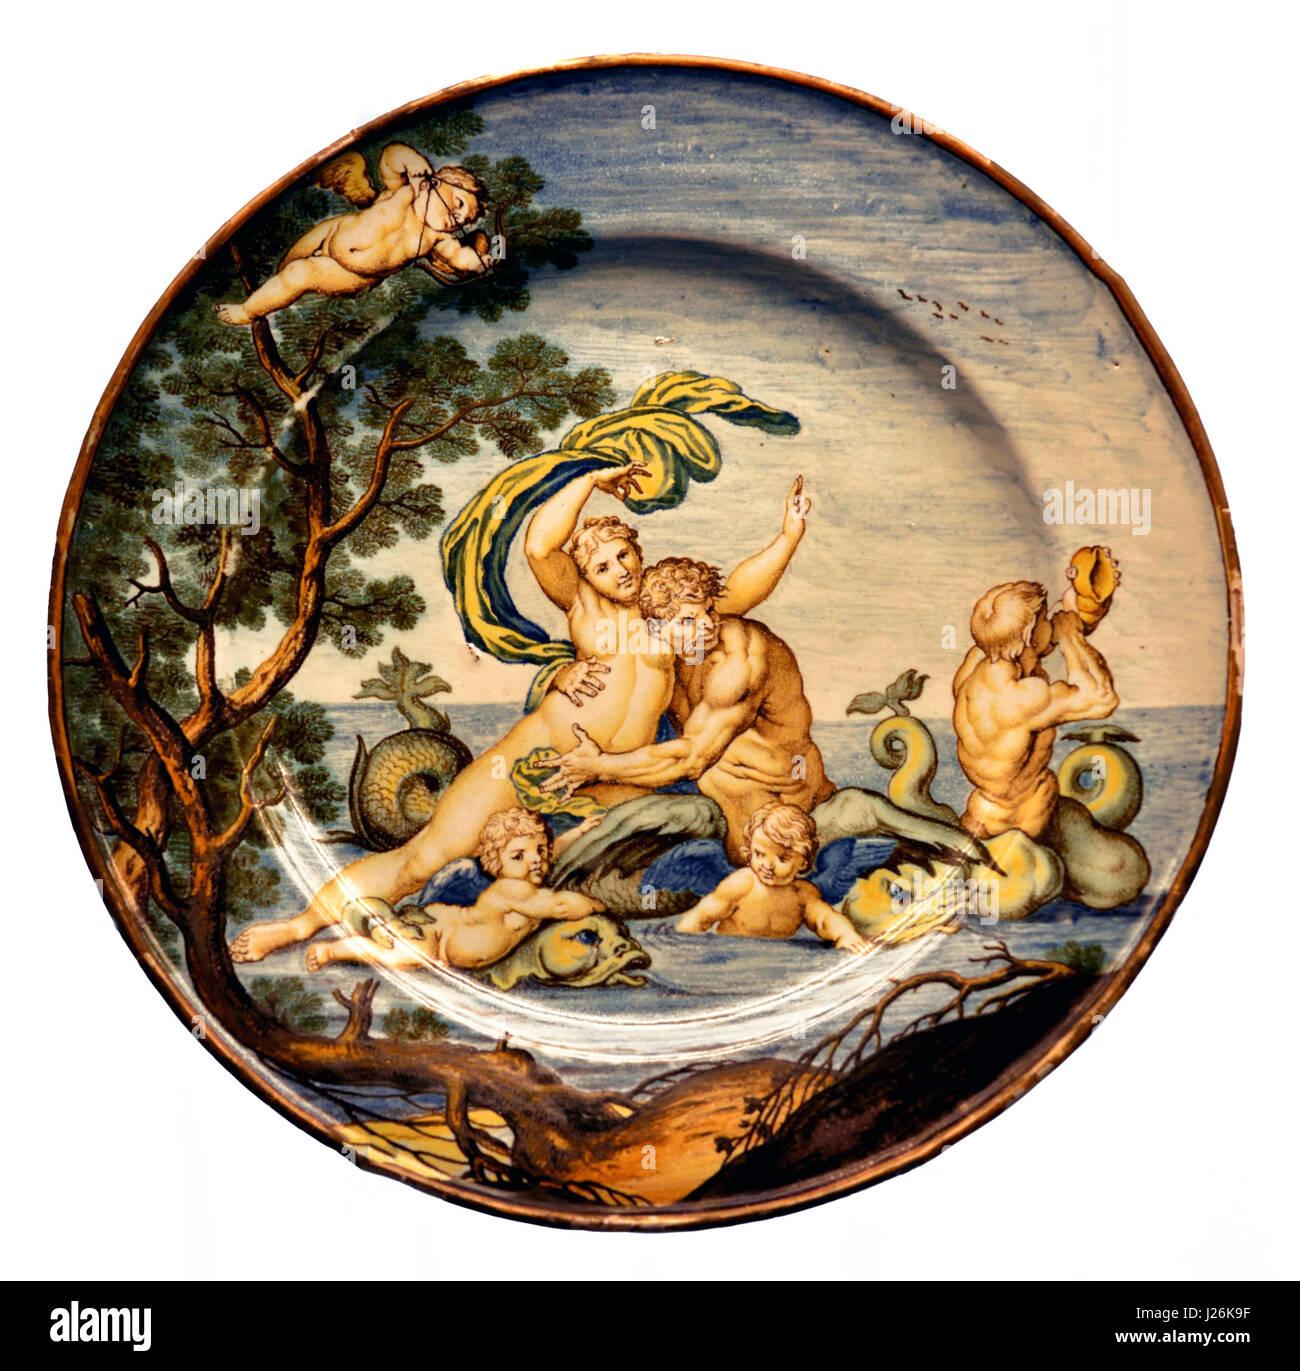 glaucus and scylla (  greek mythology ) Plate with Mythological Figures 1740 by Ferdinando Maria Campani Italy Italian. - Stock Image